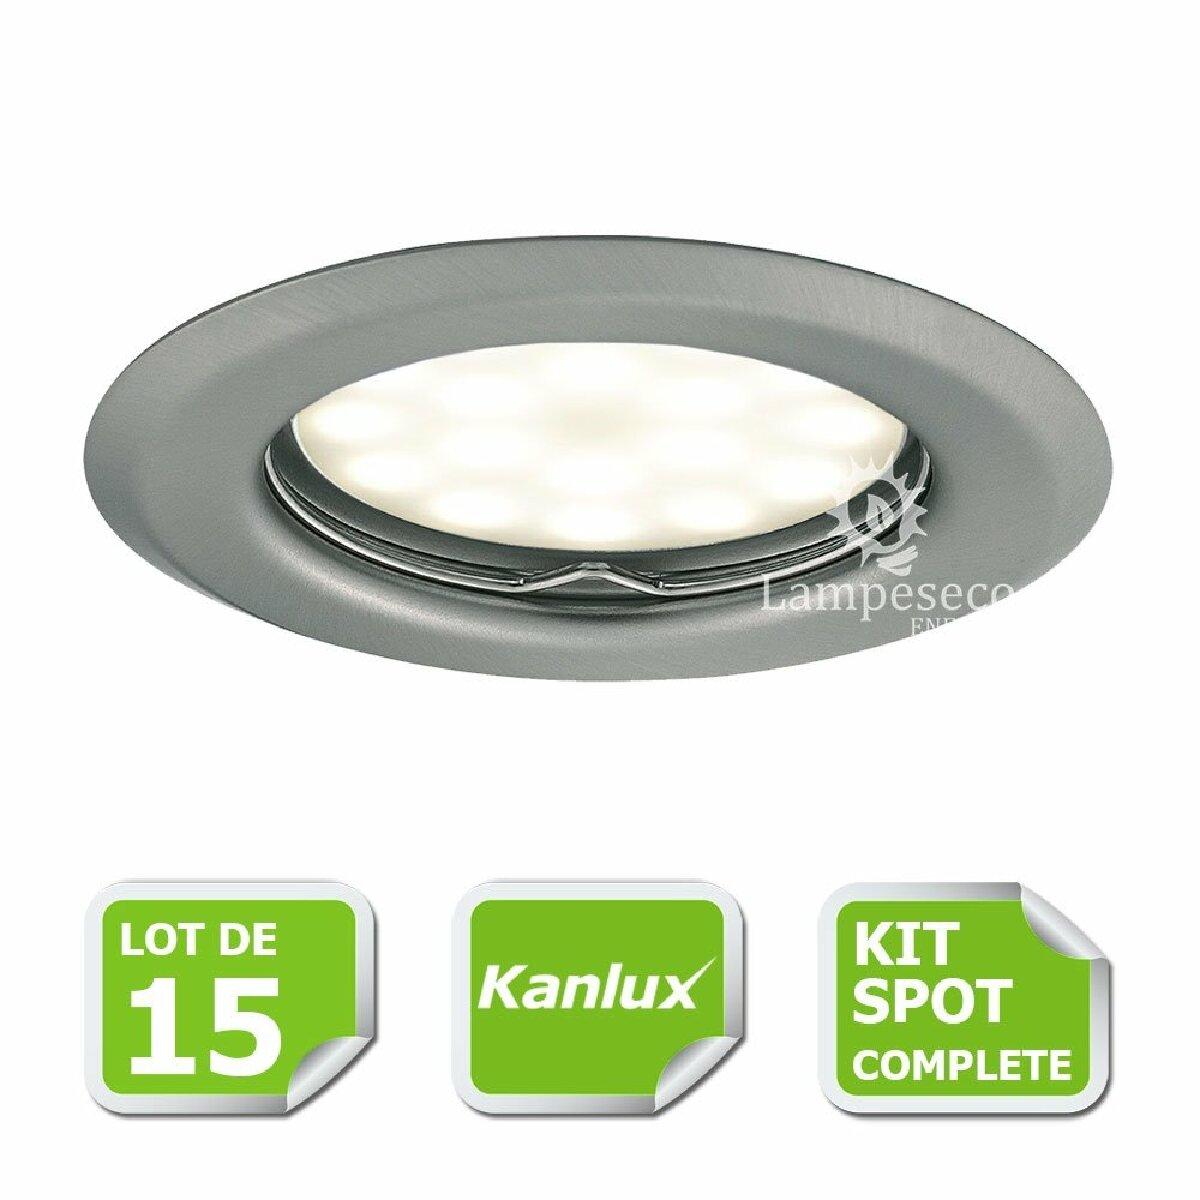 Kanlux Kit complete de 15 Spots encastrable chrome mat marque Kanlux avec GU10 LED 5W Blanc Chaud